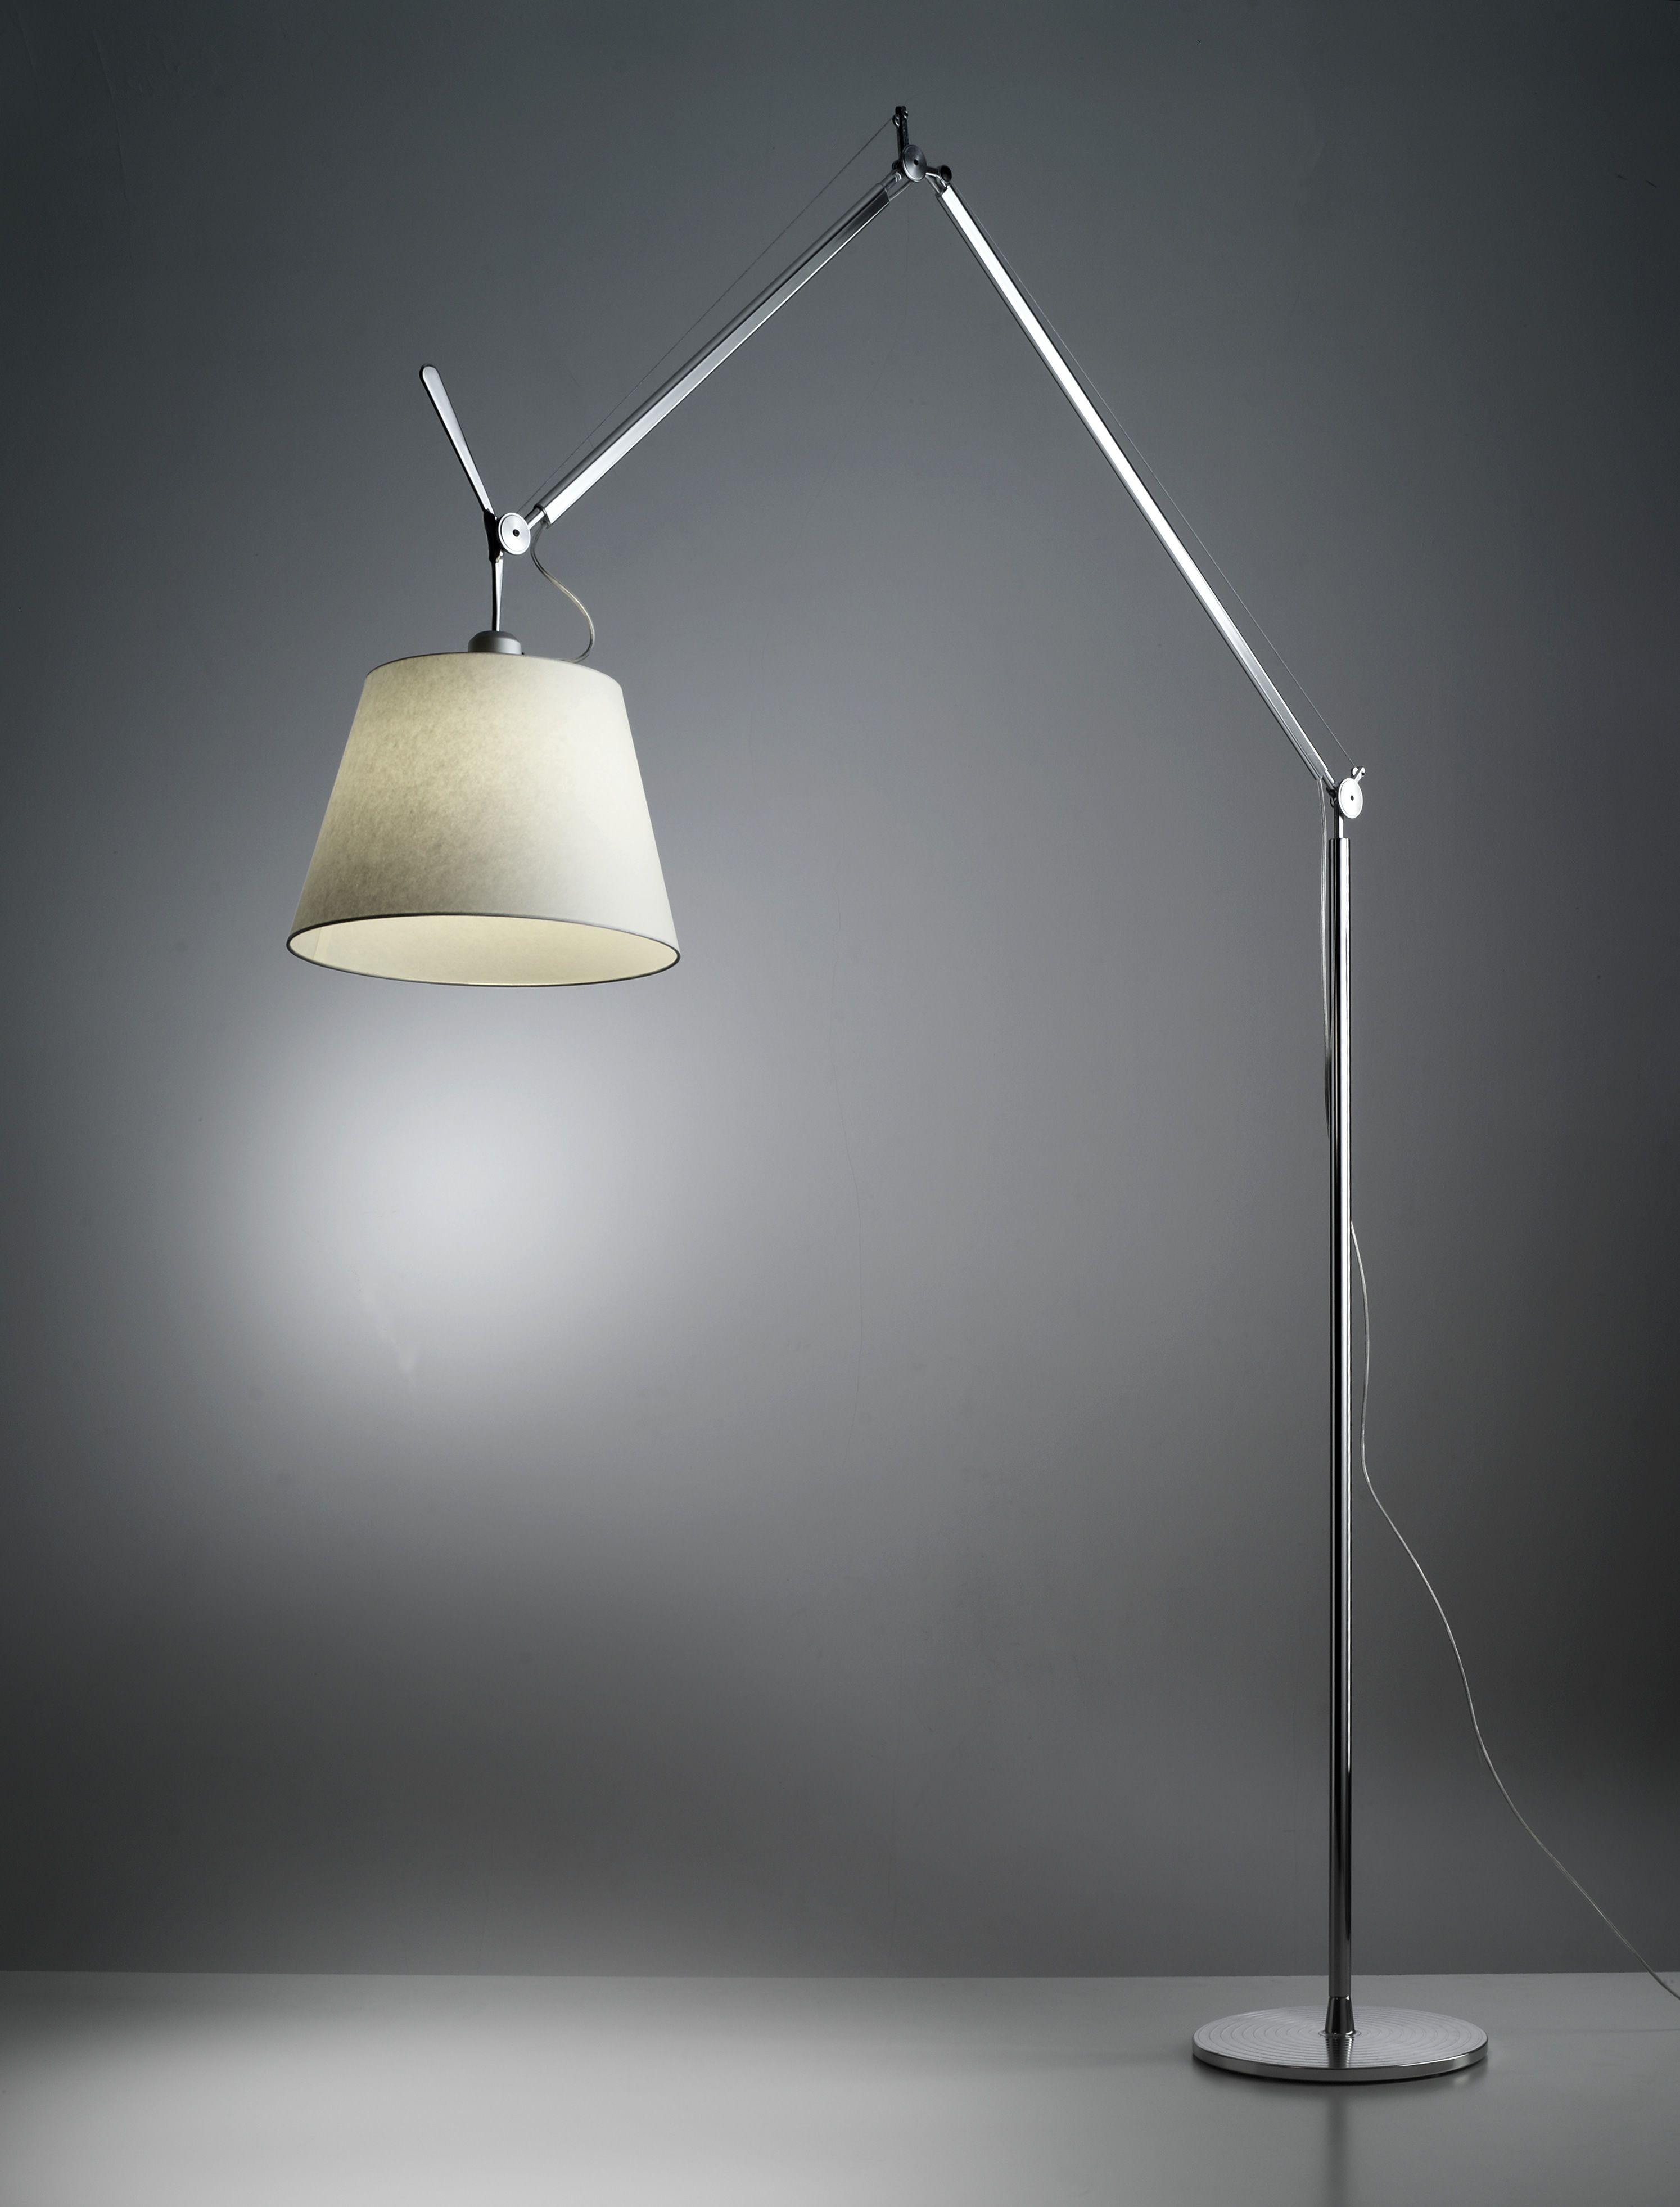 Tolomeo Mega Terra Mit Dimmer Artemide Prediger Artemide Stehlampe Lampendesign Lampen